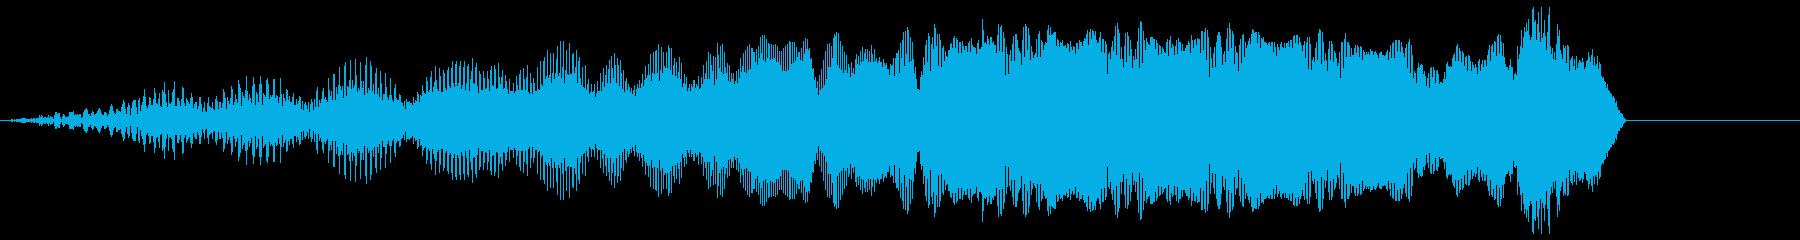 電磁4の再生済みの波形